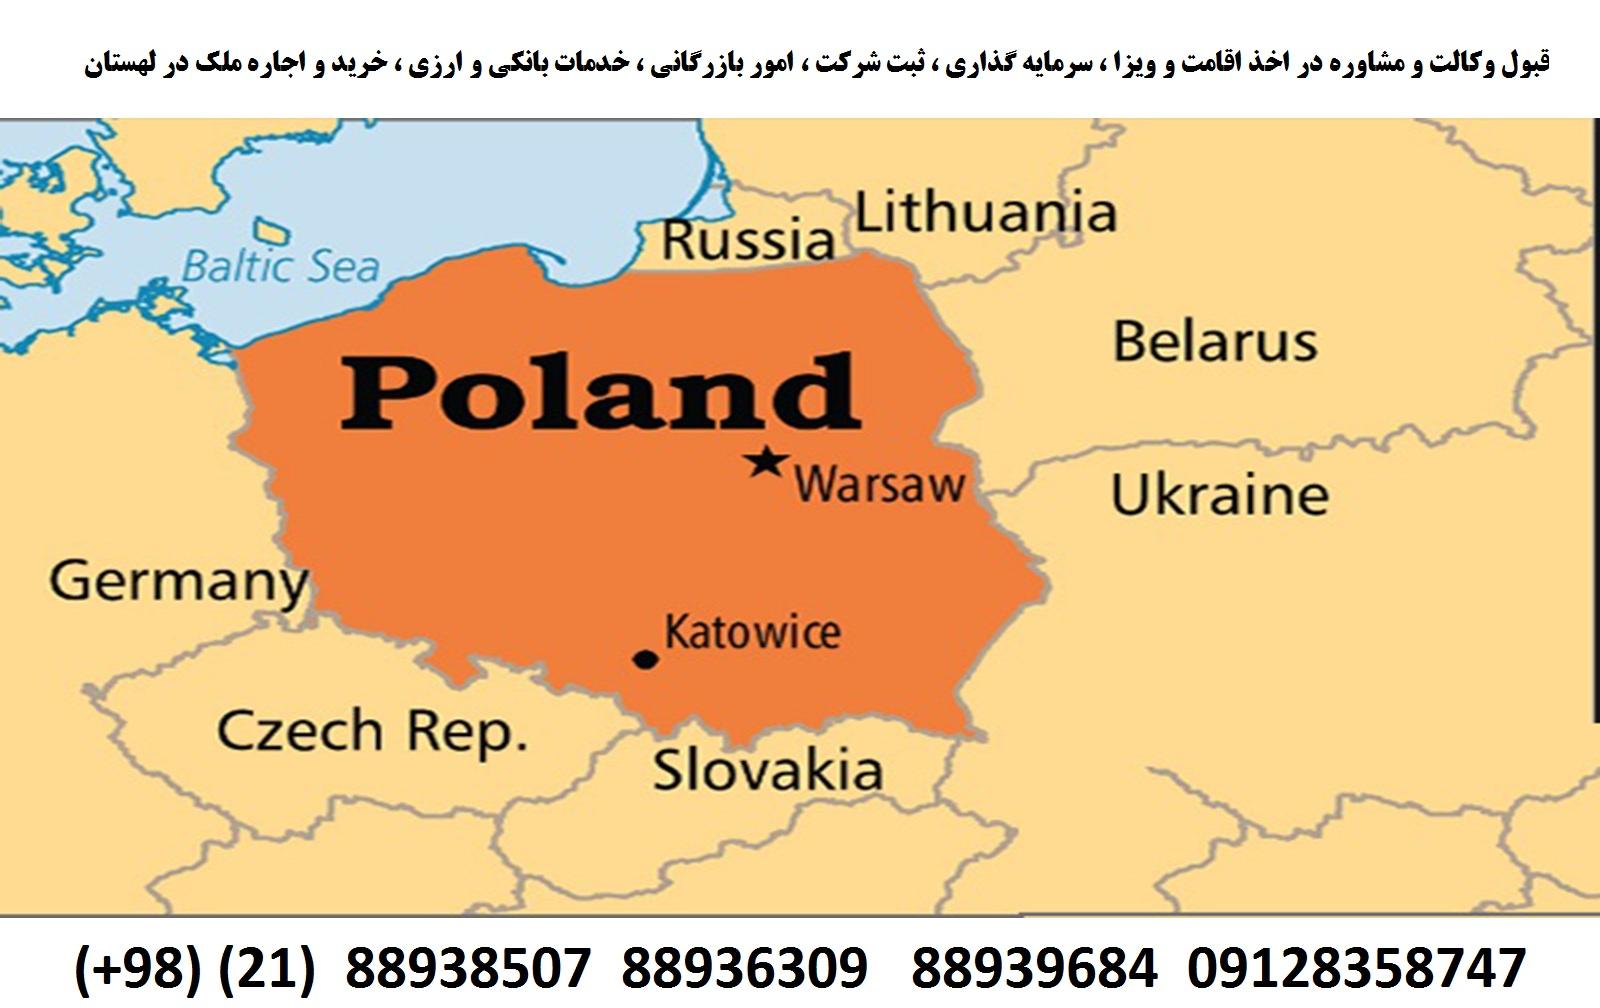 اقامت ، ویزا، ثبت شرکت ، سرمایه گذاری در لهستان (7)